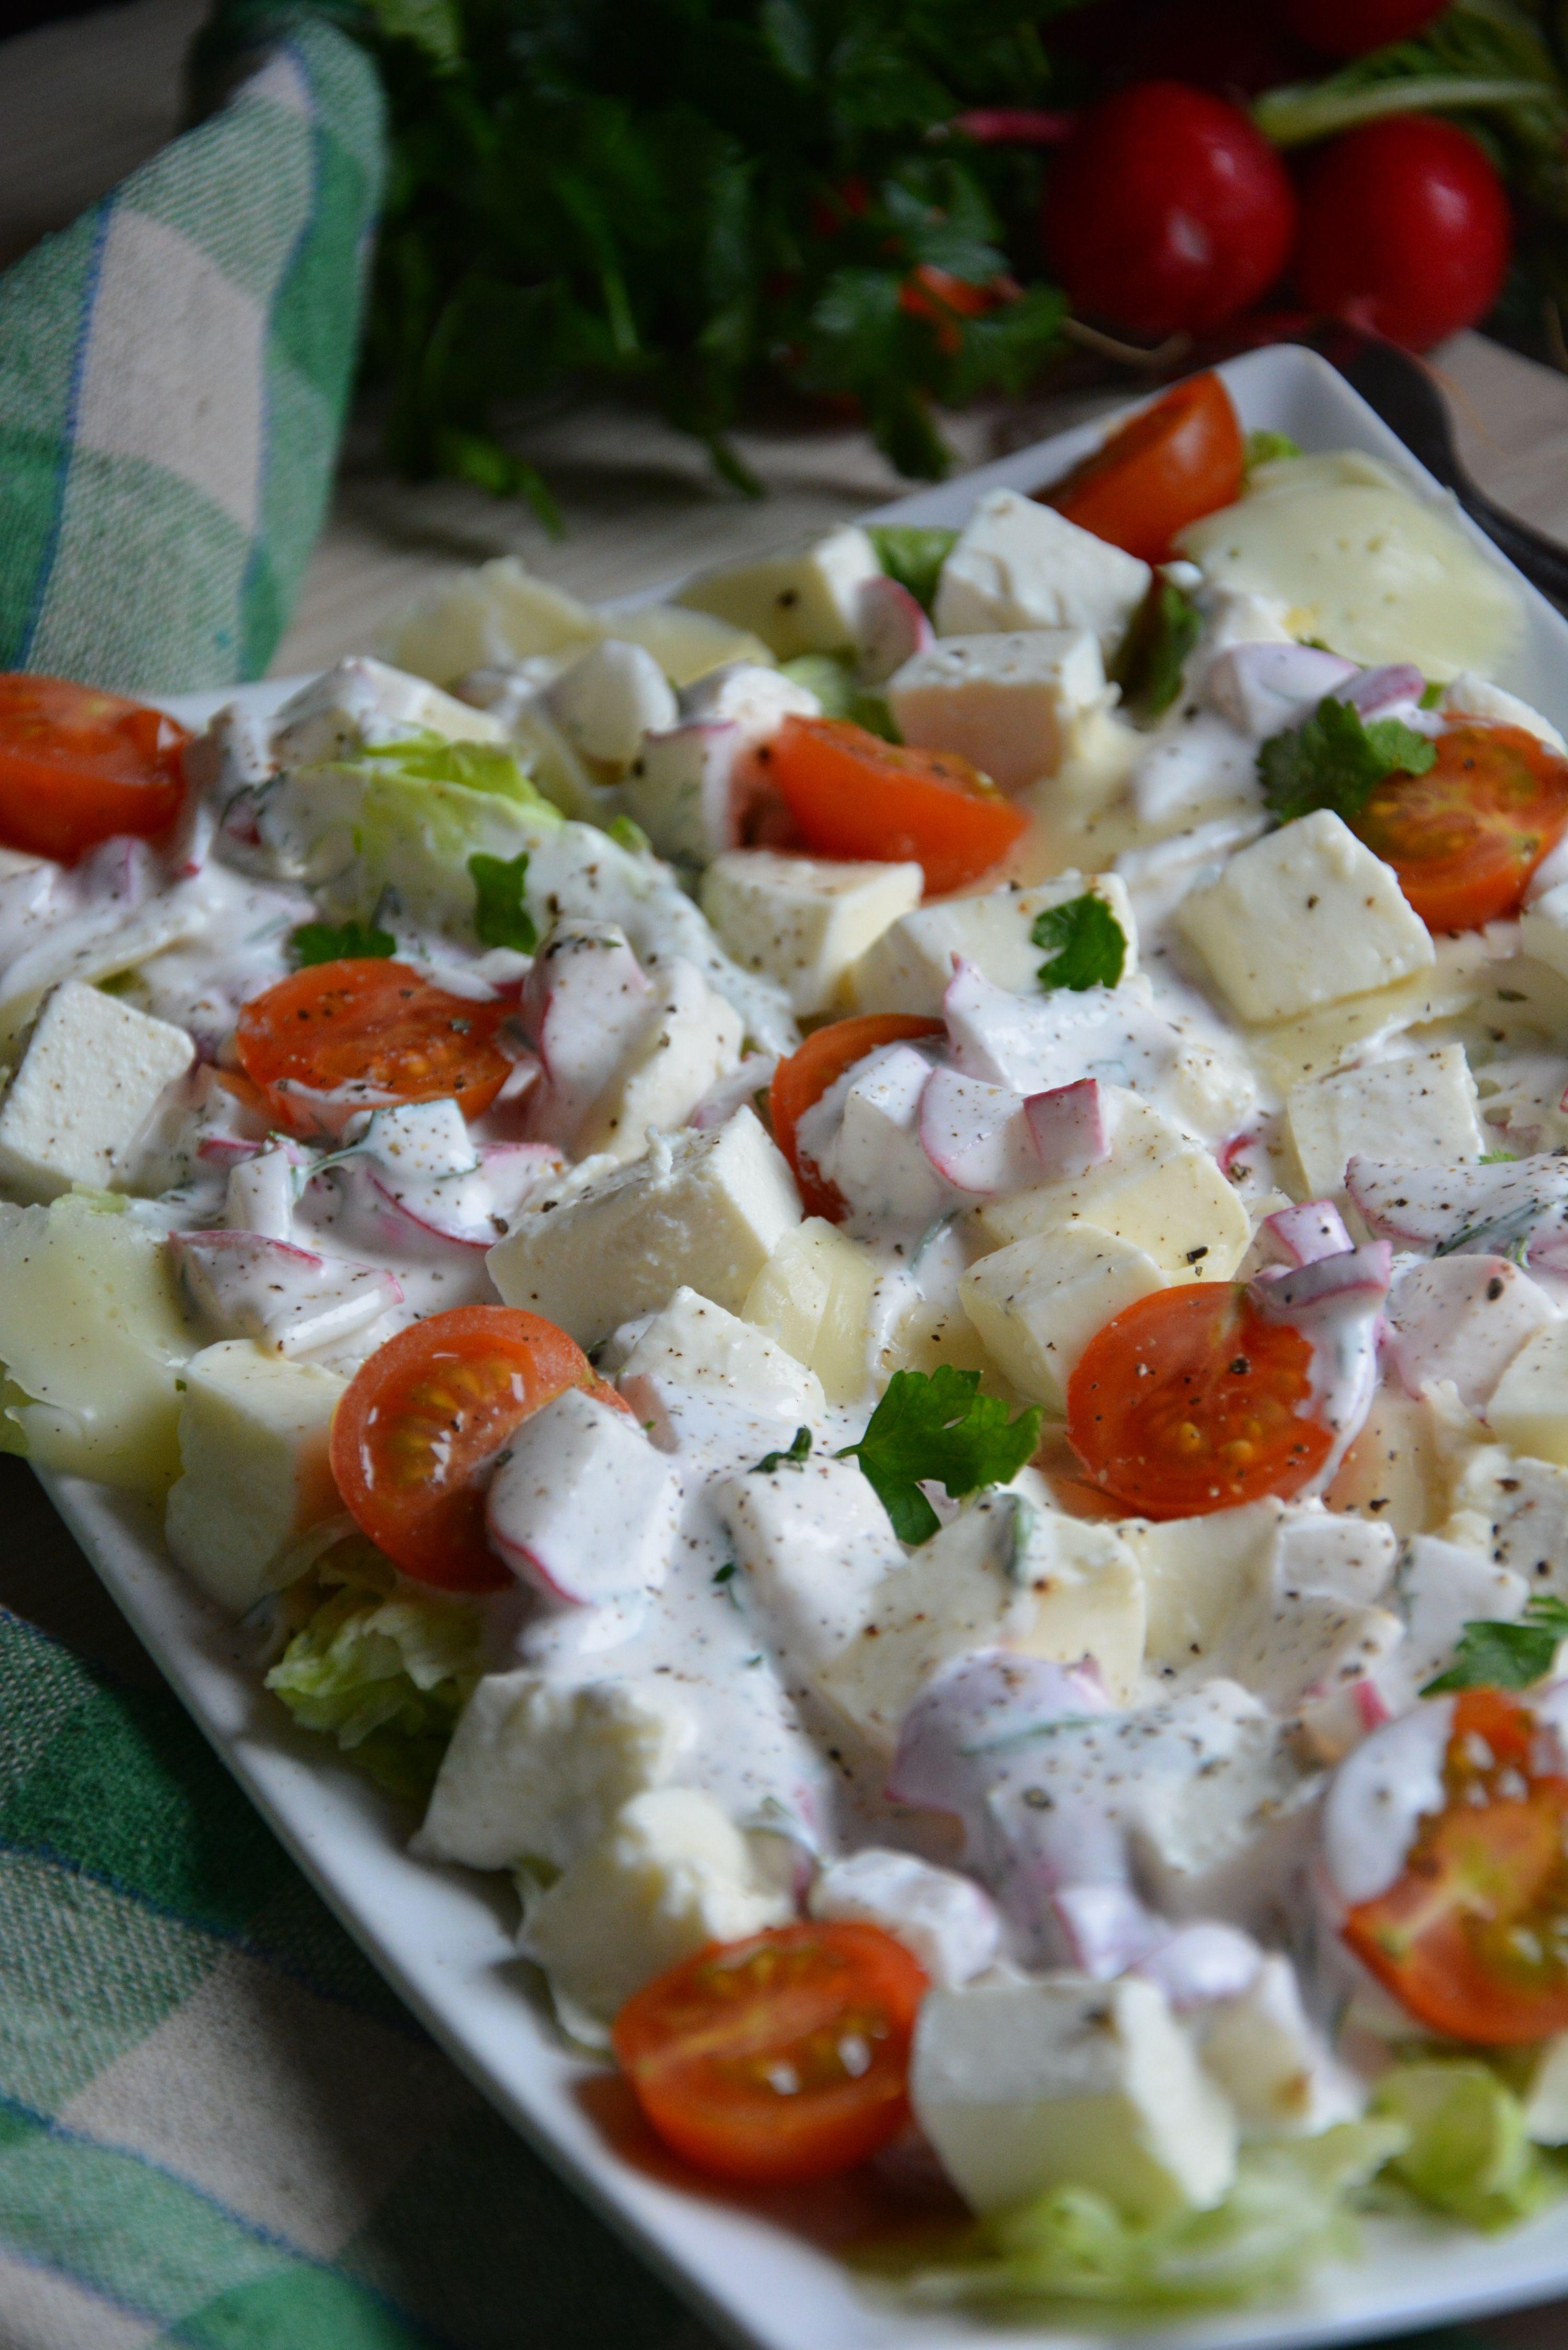 Chociaz Bez Miesa Salatka Jest Przepyszna I Tresciwa Swieza Salata